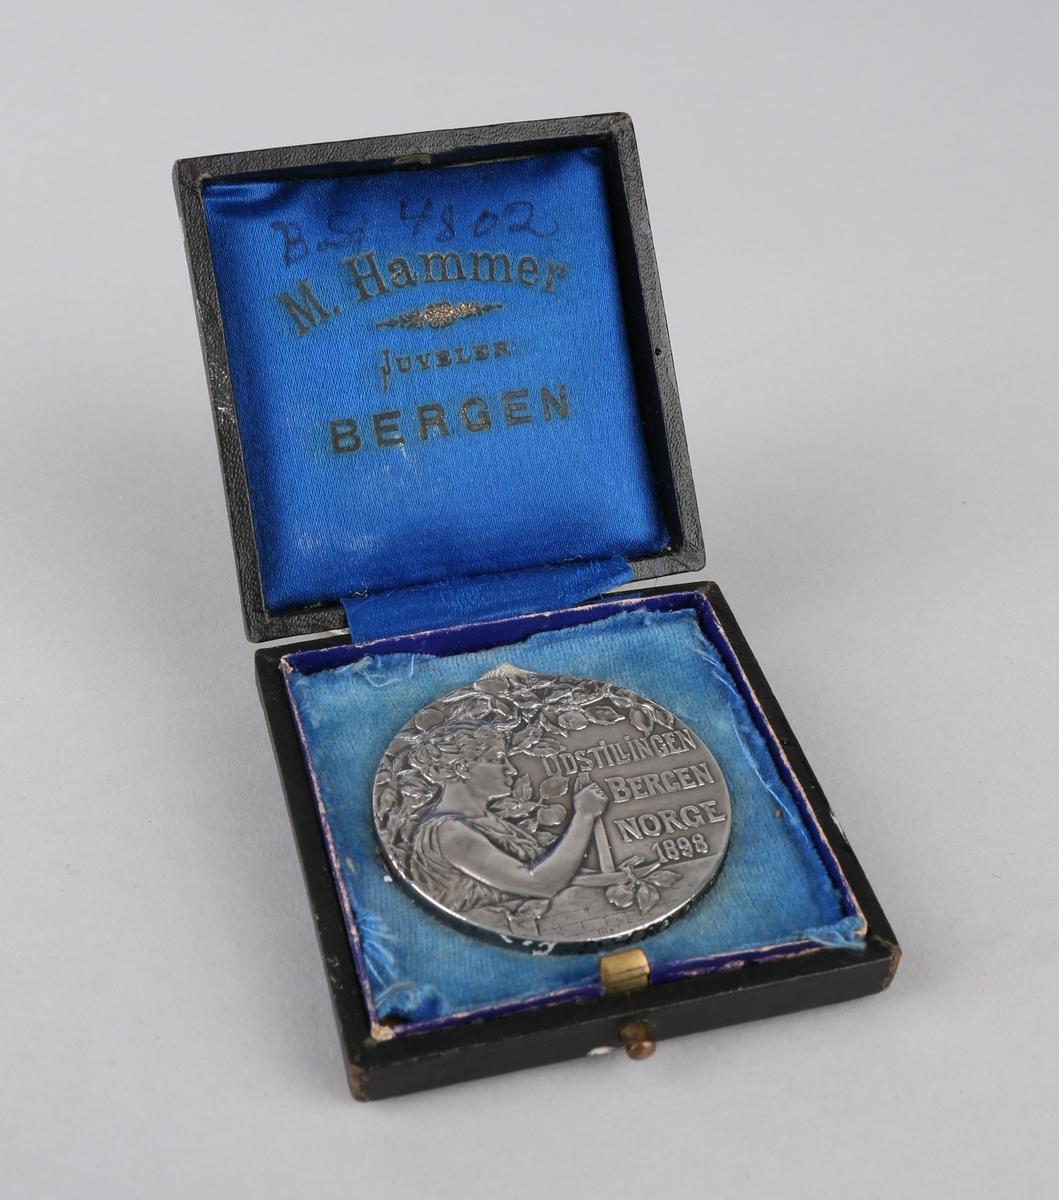 Sølvmedalje fra utstillingen Bergen, Norge 1898. Kvinne omringet av bladkrans, bakside tre fugler som flyr, samt tekst. Ligger i liten eske av papp.